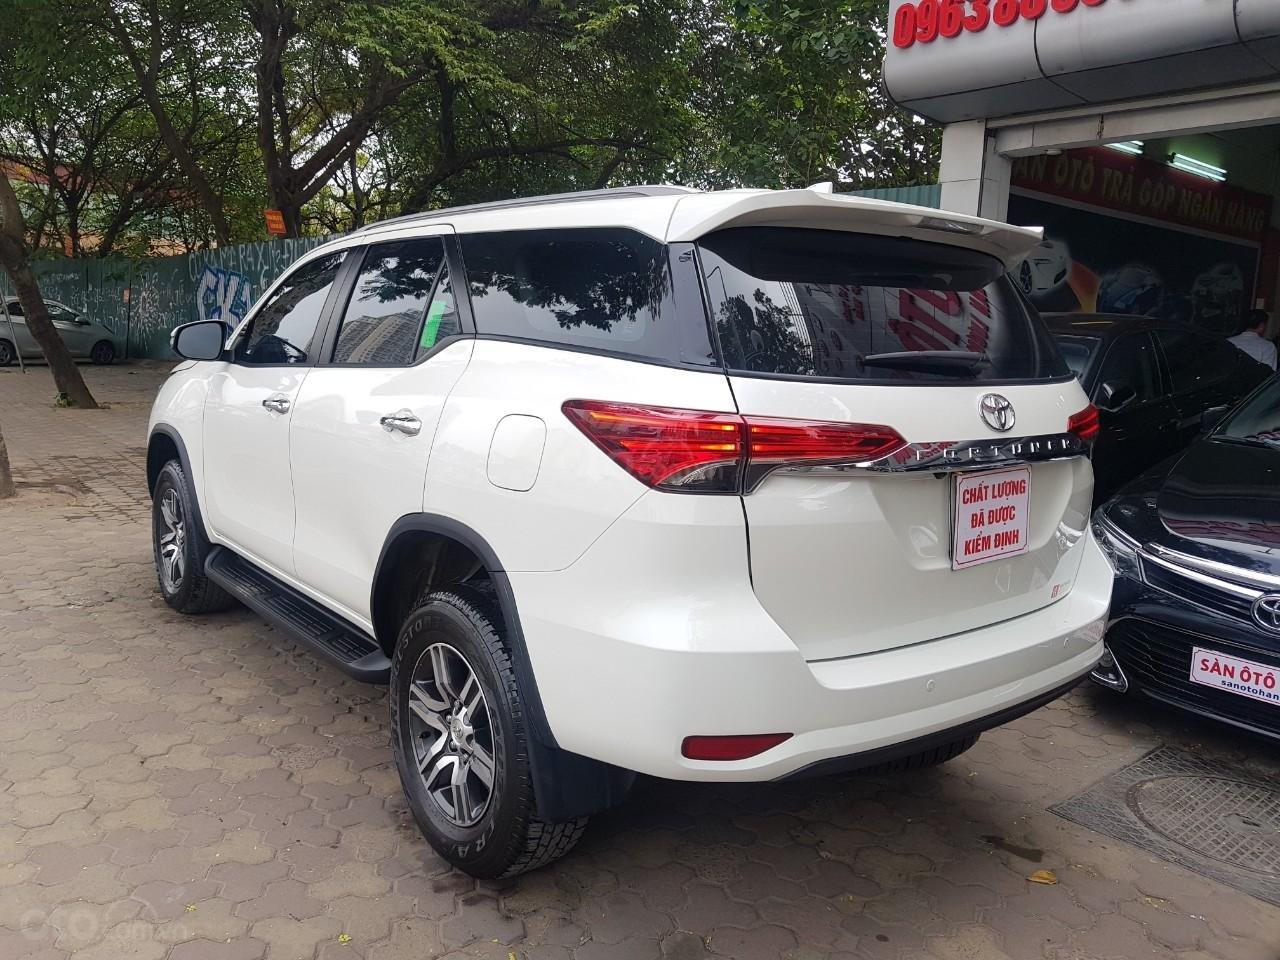 Toyota Fortuner 2.4 máy dầu màu trắng sx 2020 xe một chủ từ đầu đi hơn 10.000km (2)